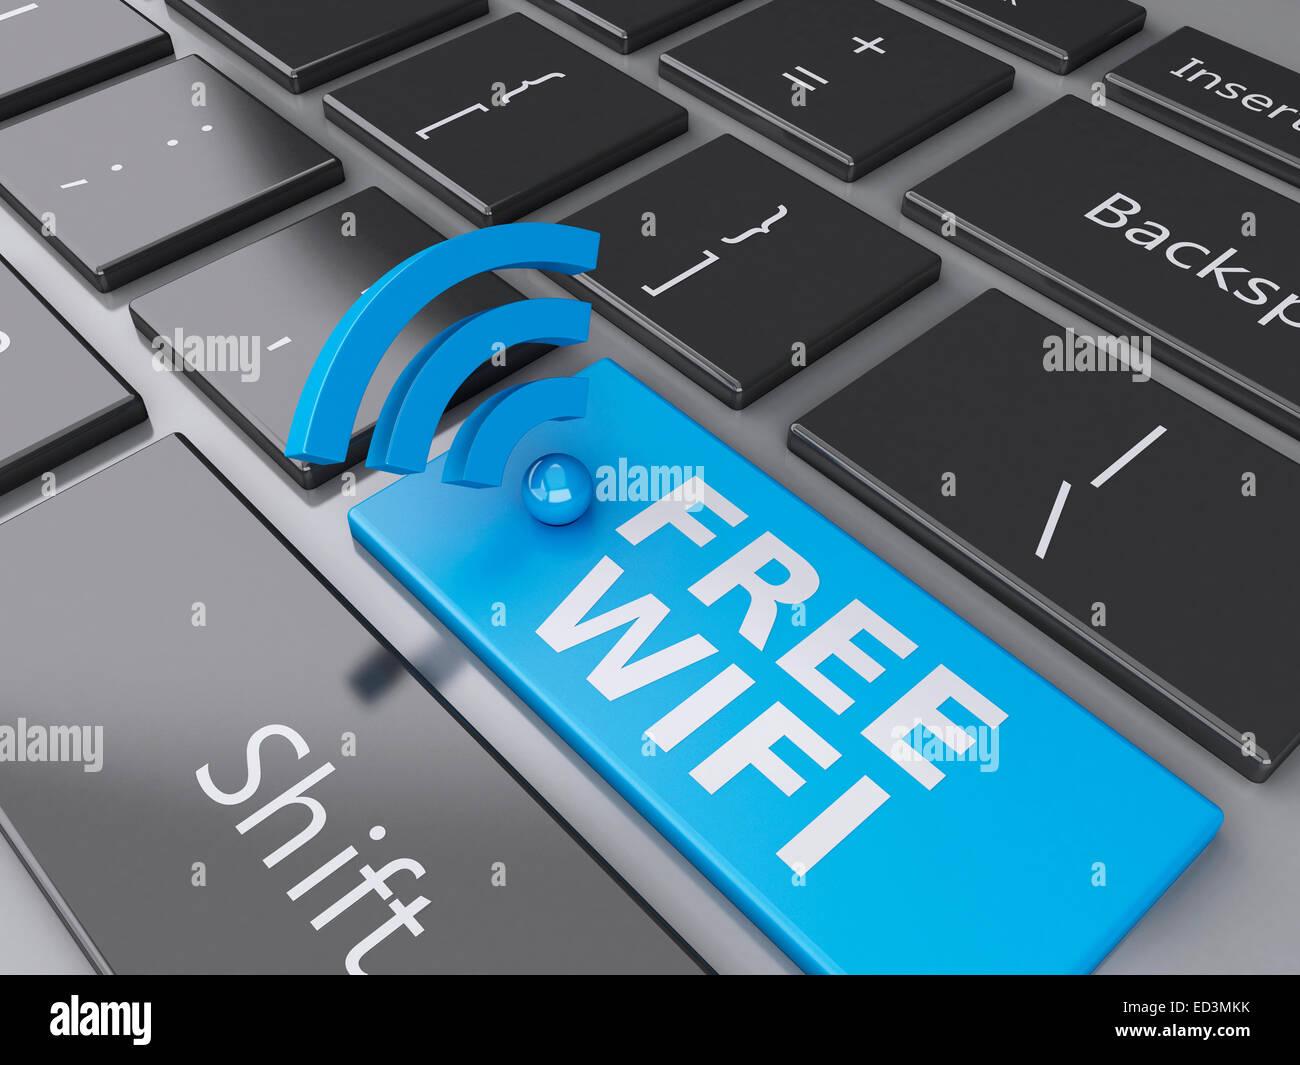 Free Wifi Key Stock Photos & Free Wifi Key Stock Images - Alamy